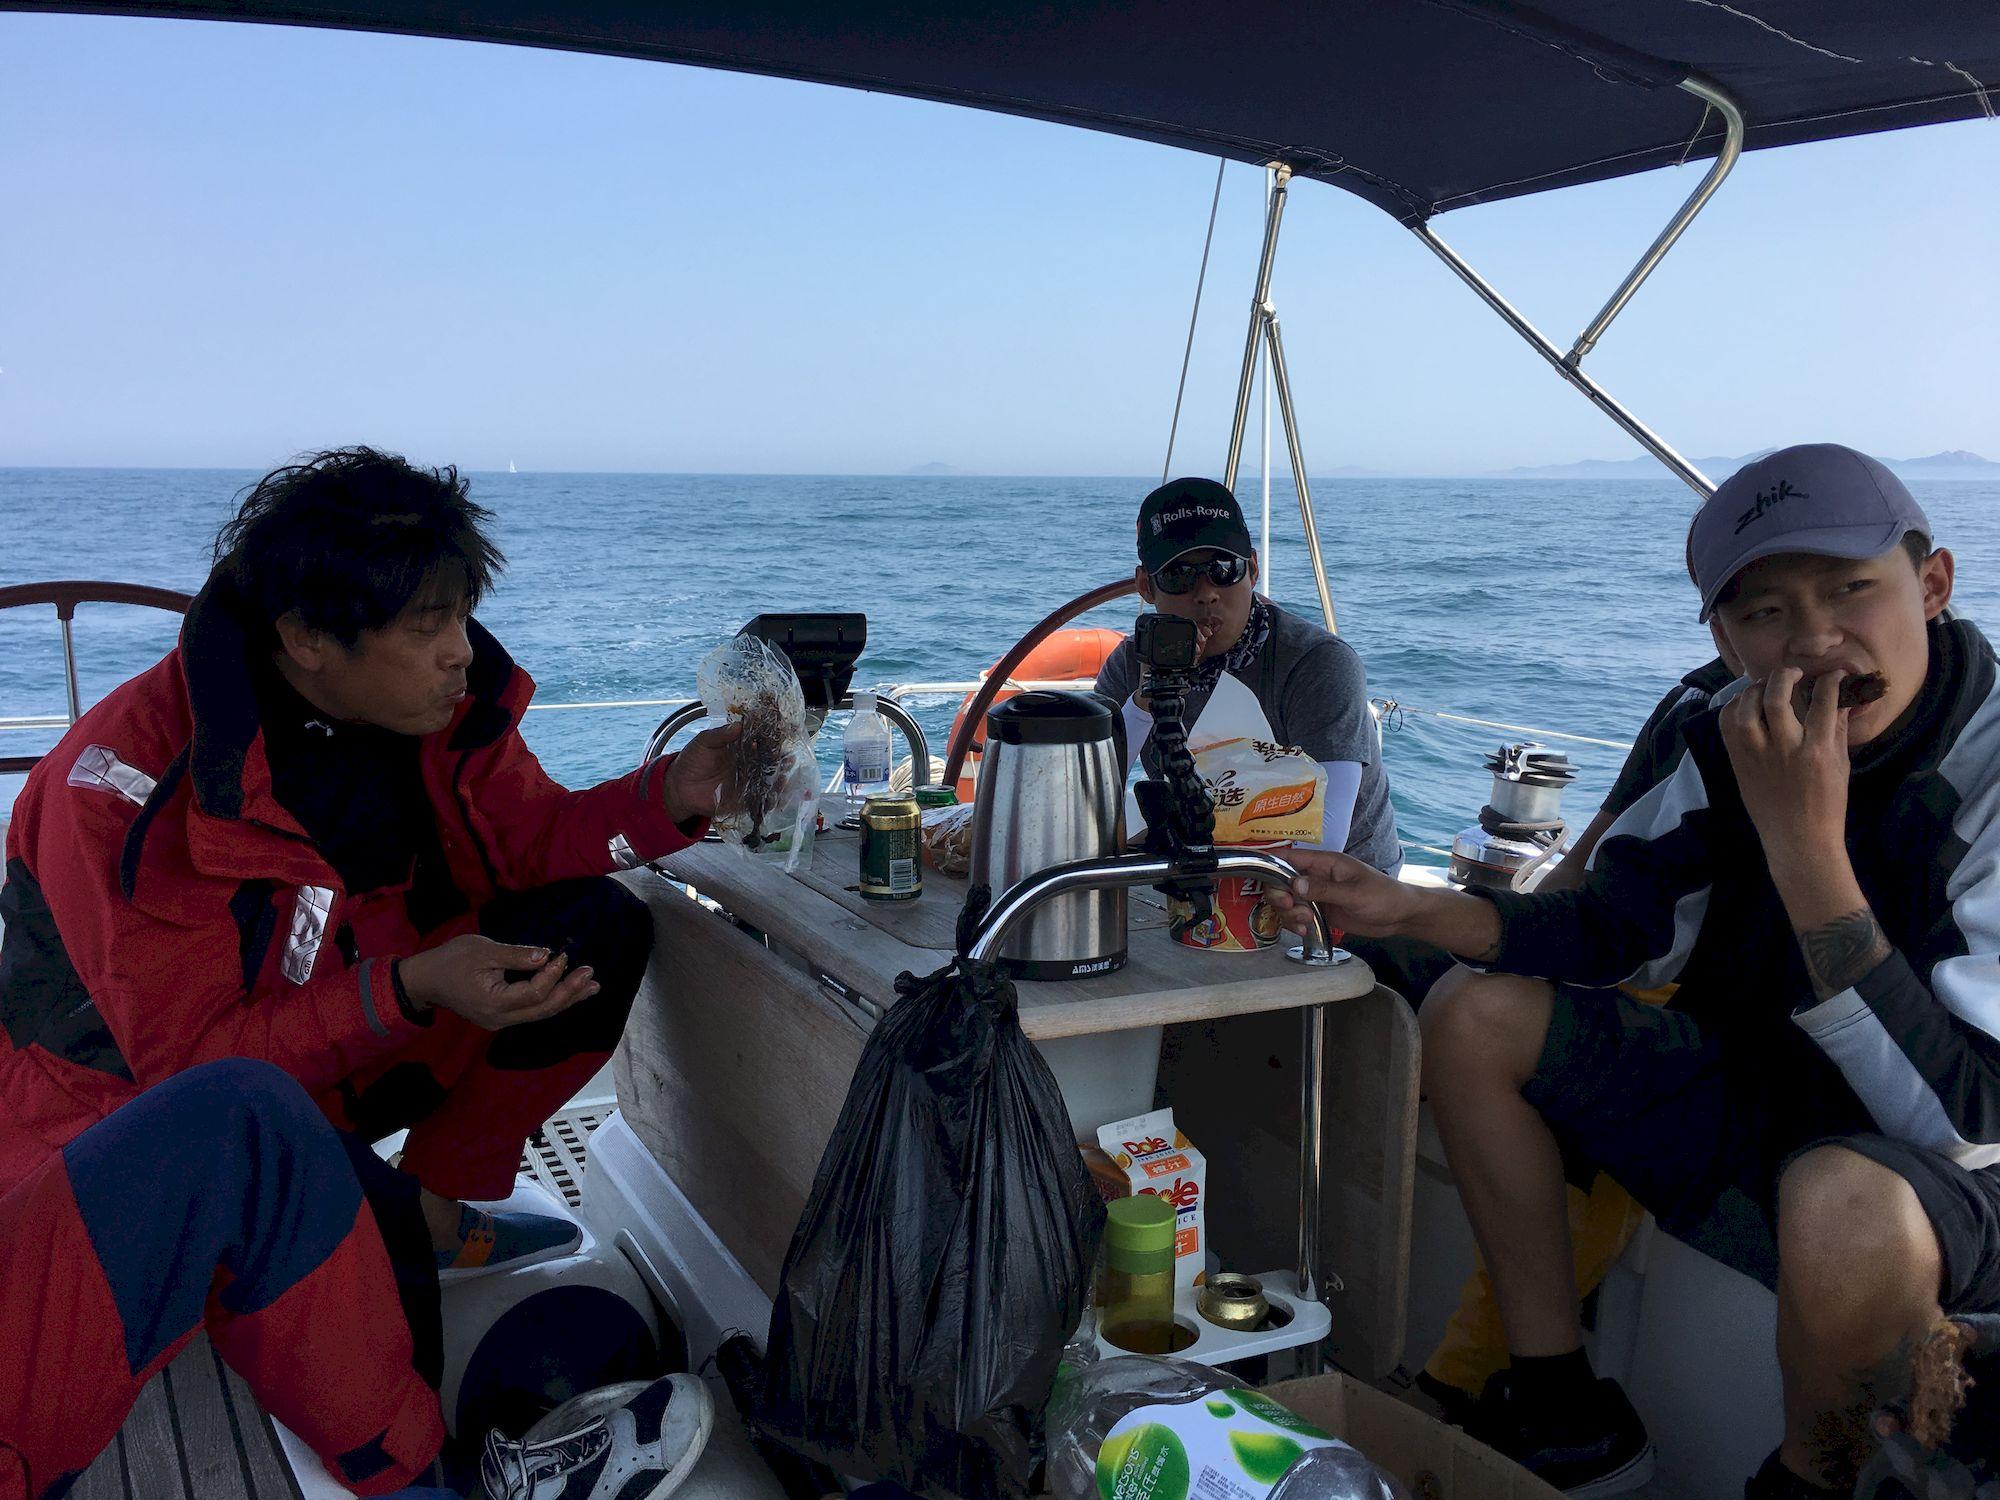 新西兰,跆拳道,俱乐部,拉力赛,青岛 向着太阳升起的地方出发:记第一次跨国远航-千航帆船-51航海网队-2016威海仁川 012b-IMG_2681_千帆俱乐部我要航海网帆船队-2016威海-仁川国际帆船赛.JPG